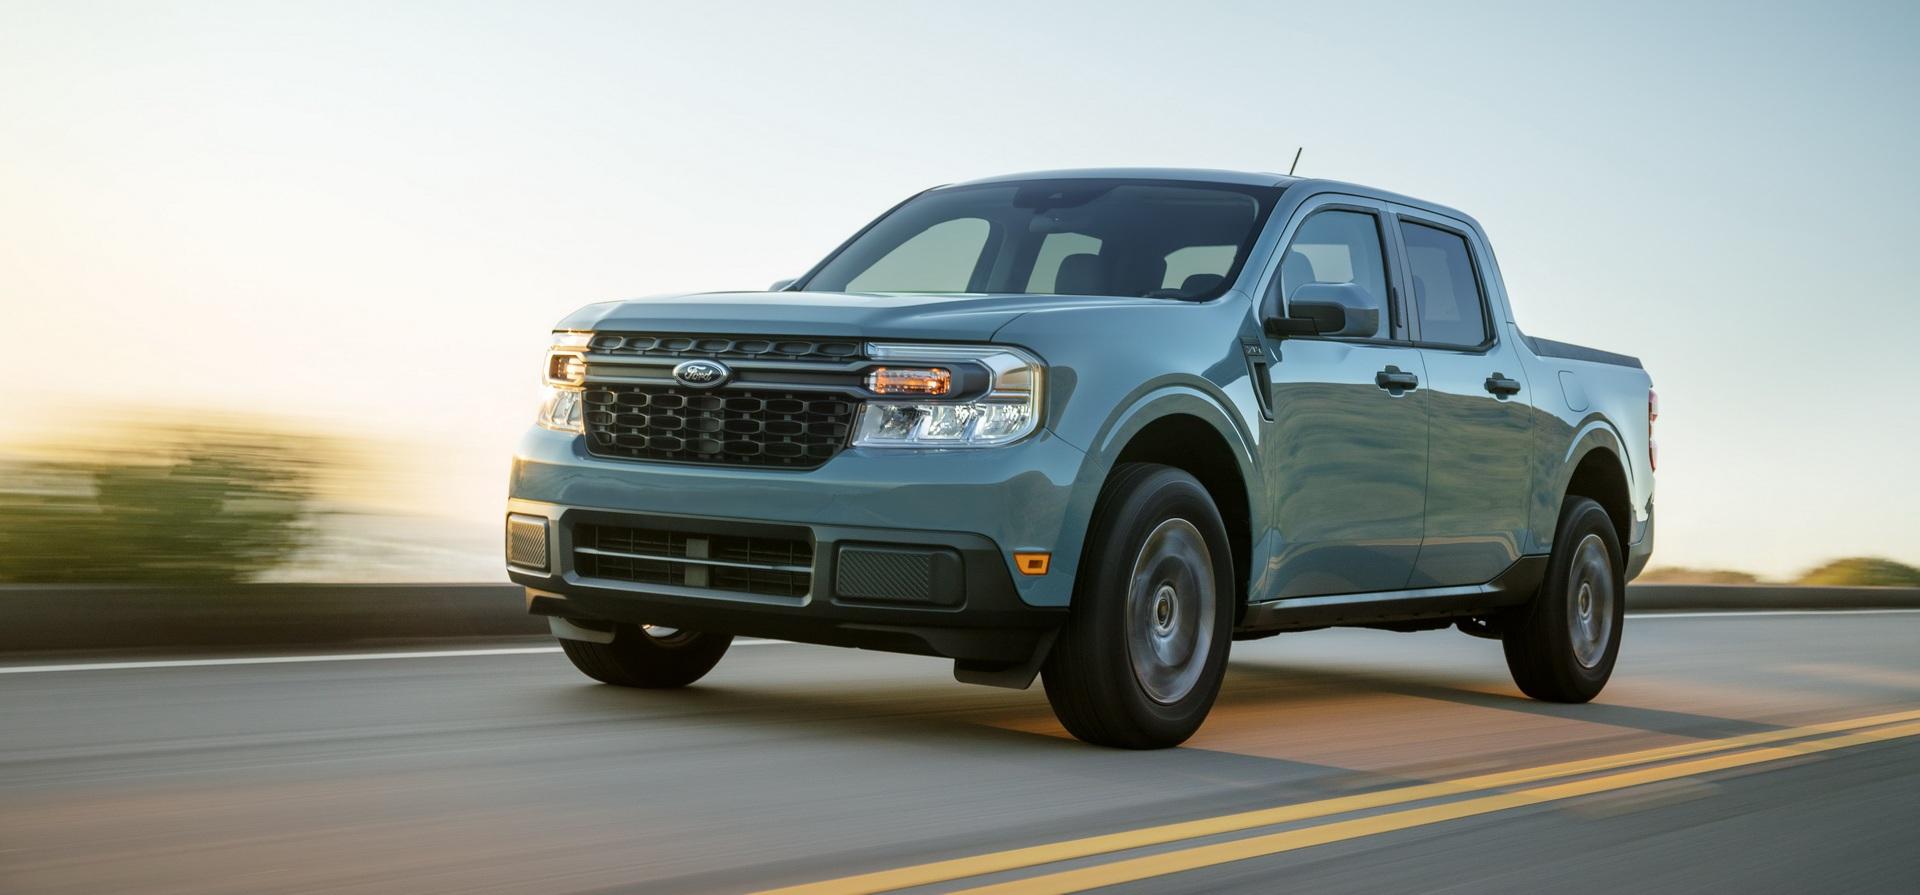 Ford ra mắt mẫu xe bán tải Maverick nhỏ hơn Ranger - 1